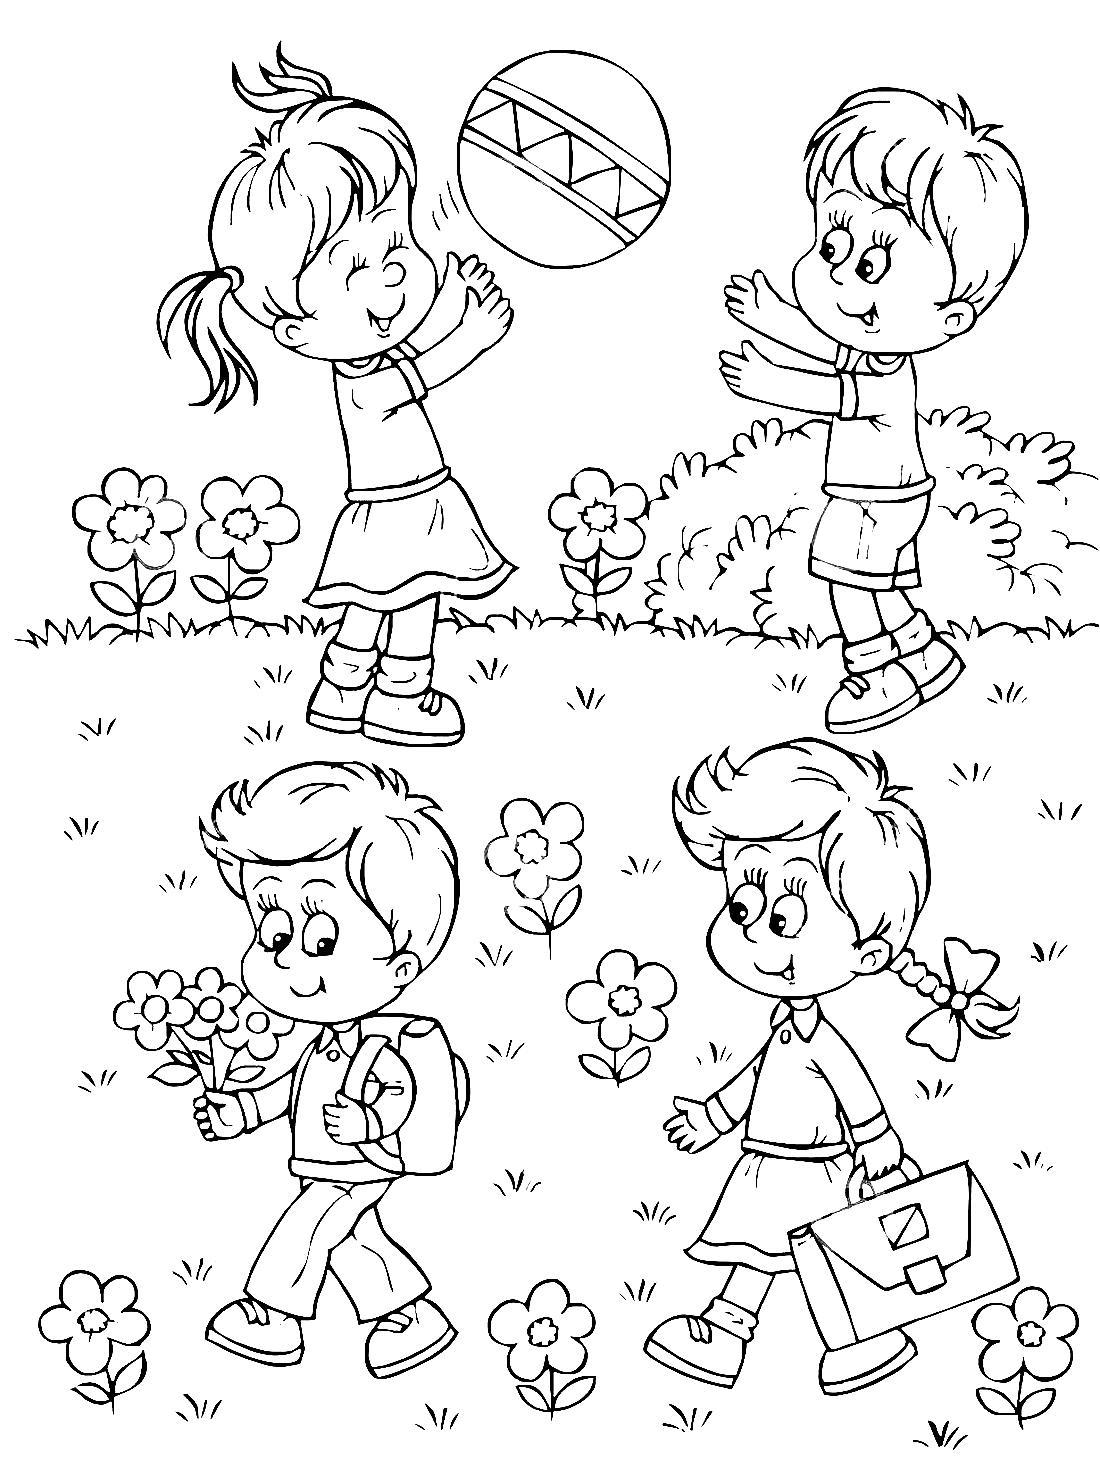 раскраски для детей про лето распечатать